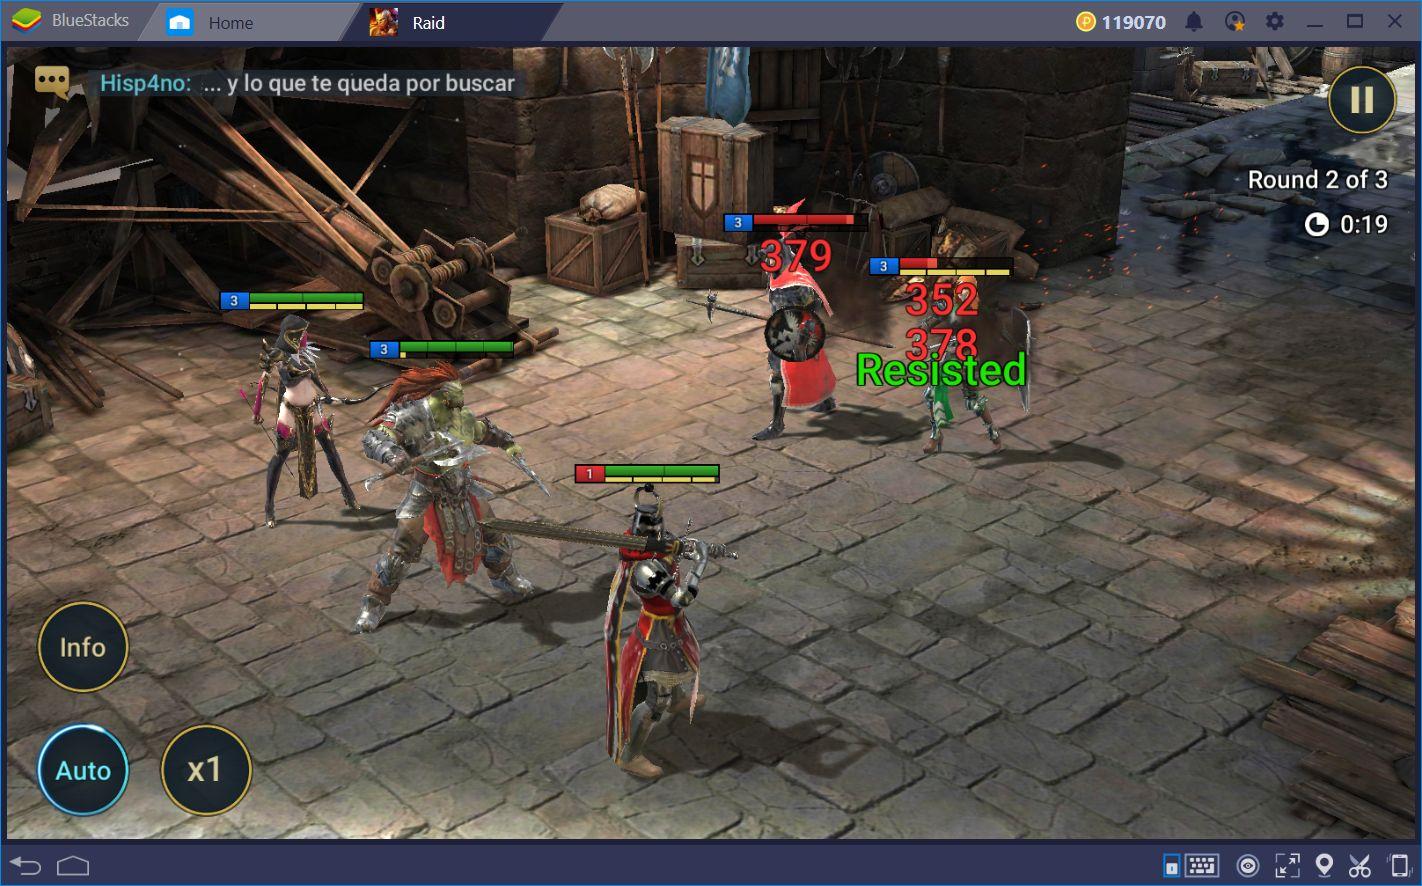 دليل لإعادة التدوير في RAID: Shadow Legends على الكمبيوتر باستخدام BlueStacks